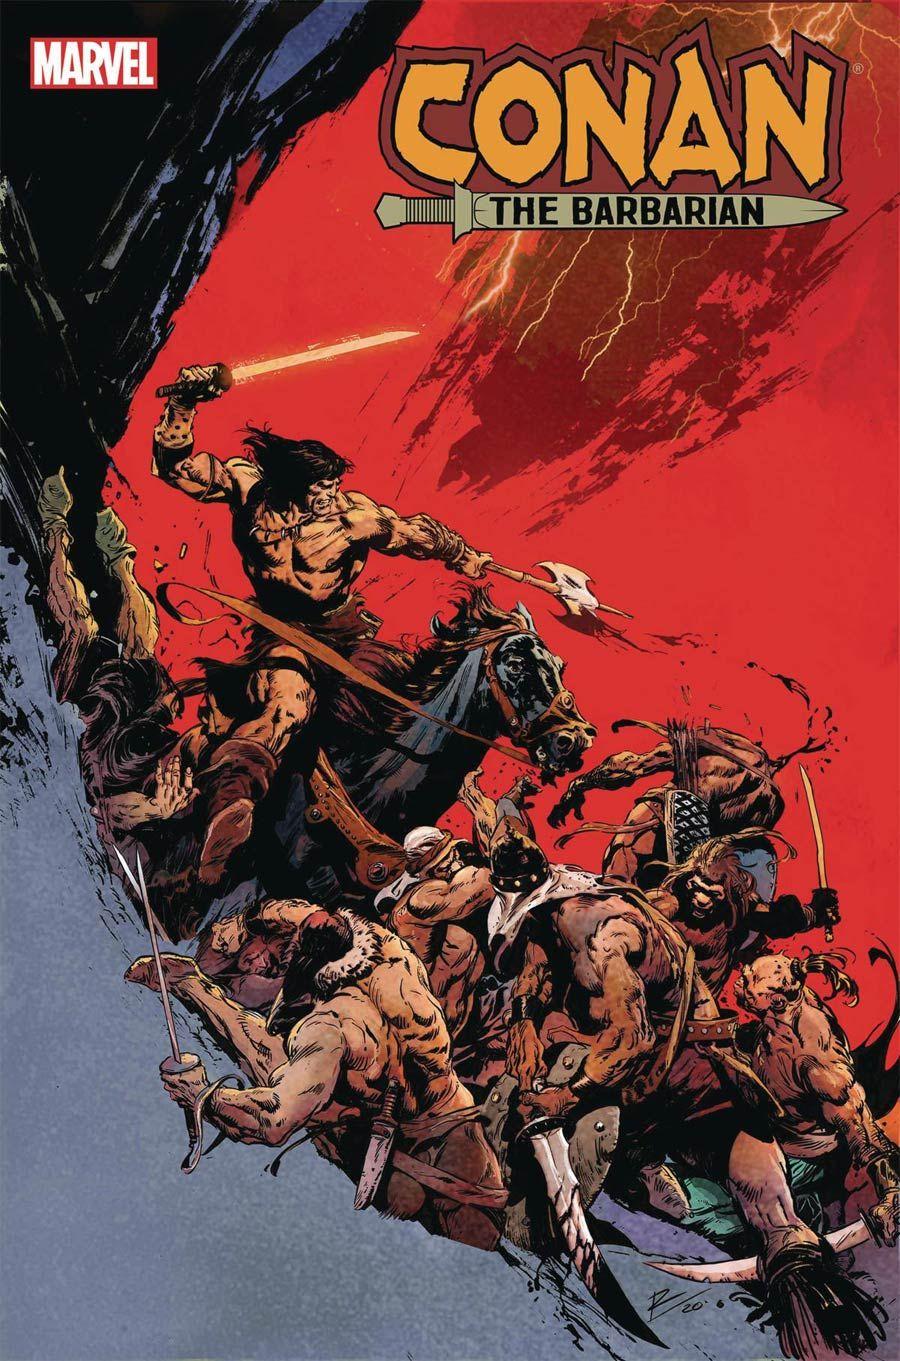 Conan The Barbarian 17 Conan The Barbarian Conan The Barbarian Comic Barbarian